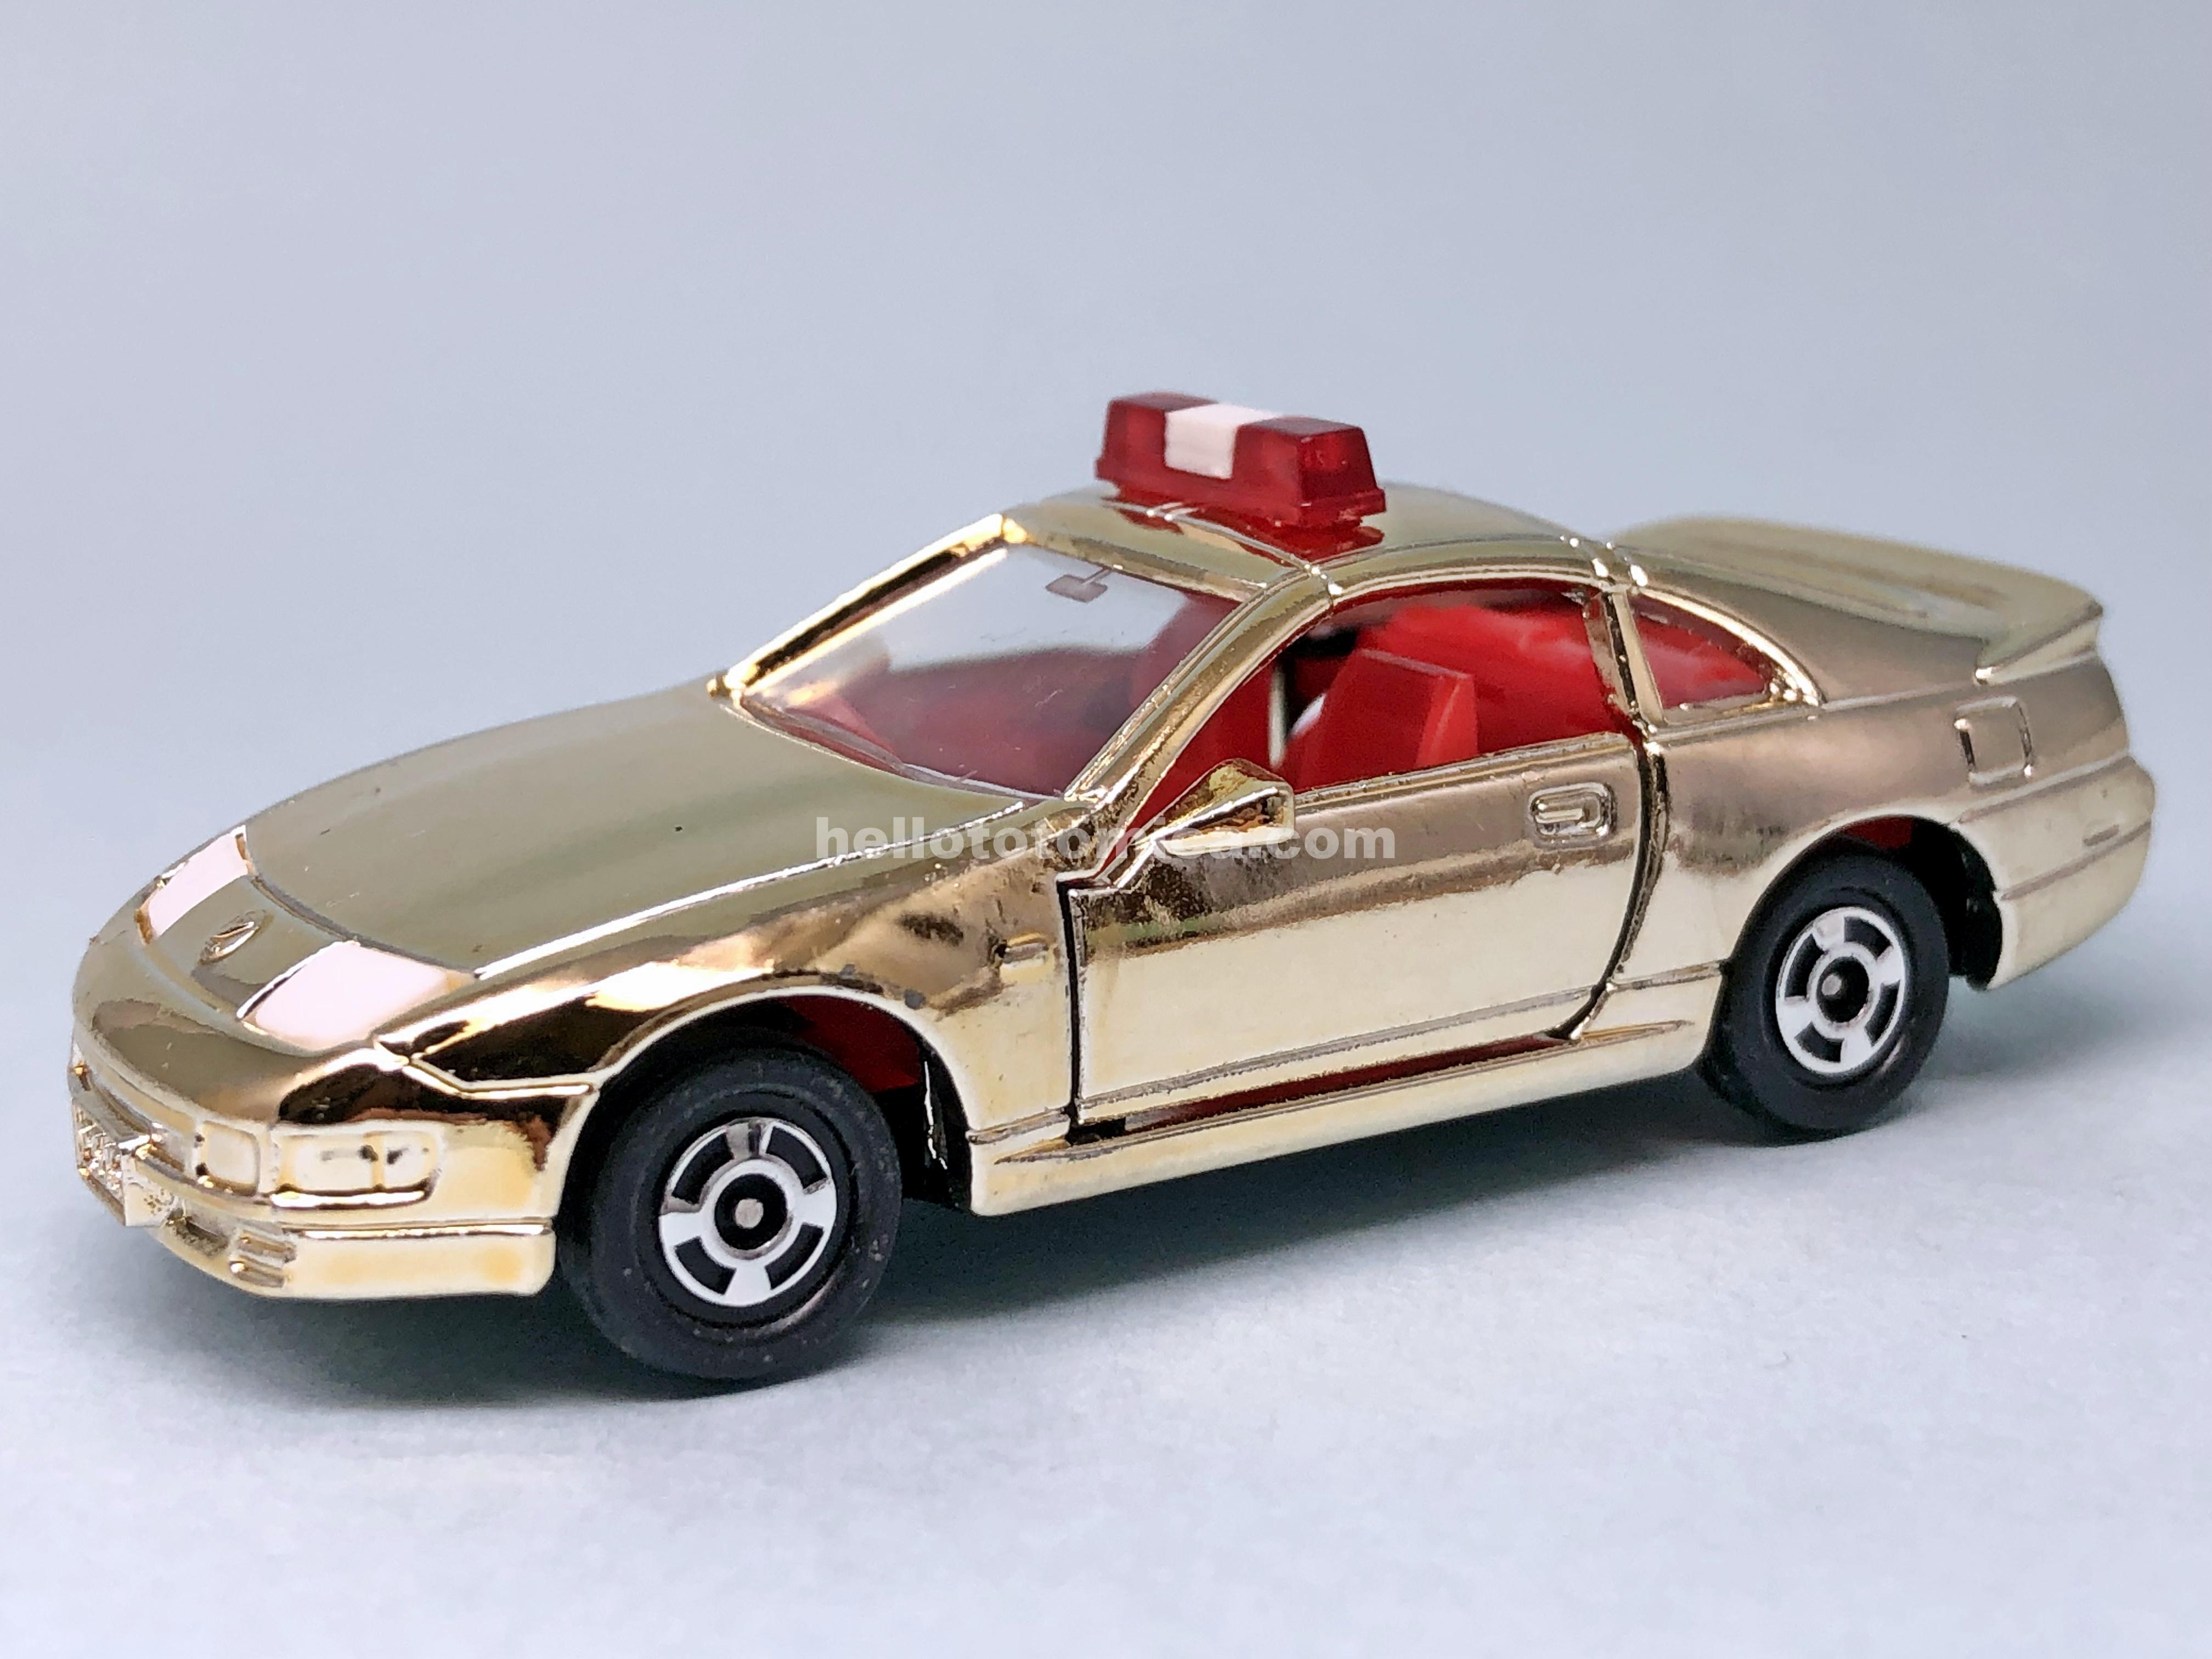 44-5 FAIRLADY 300ZX POLICE CAR